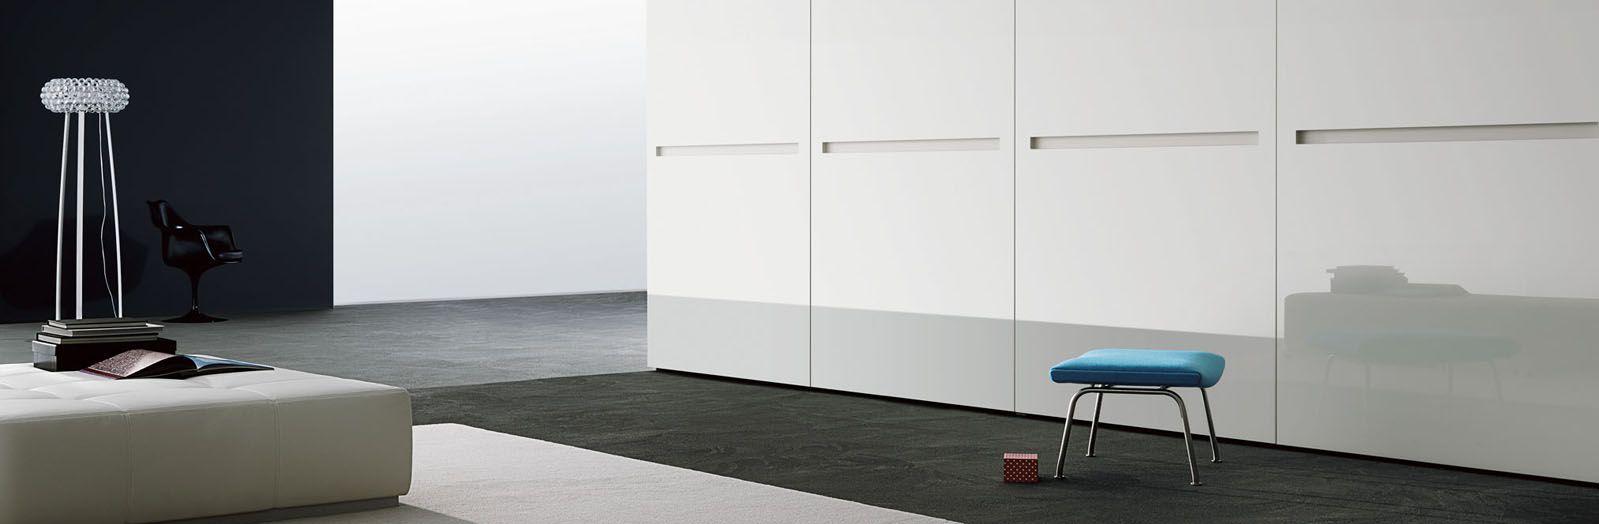 Programas Modulares De Dise O Moderno Gd Duran # Muebles San Giacomo